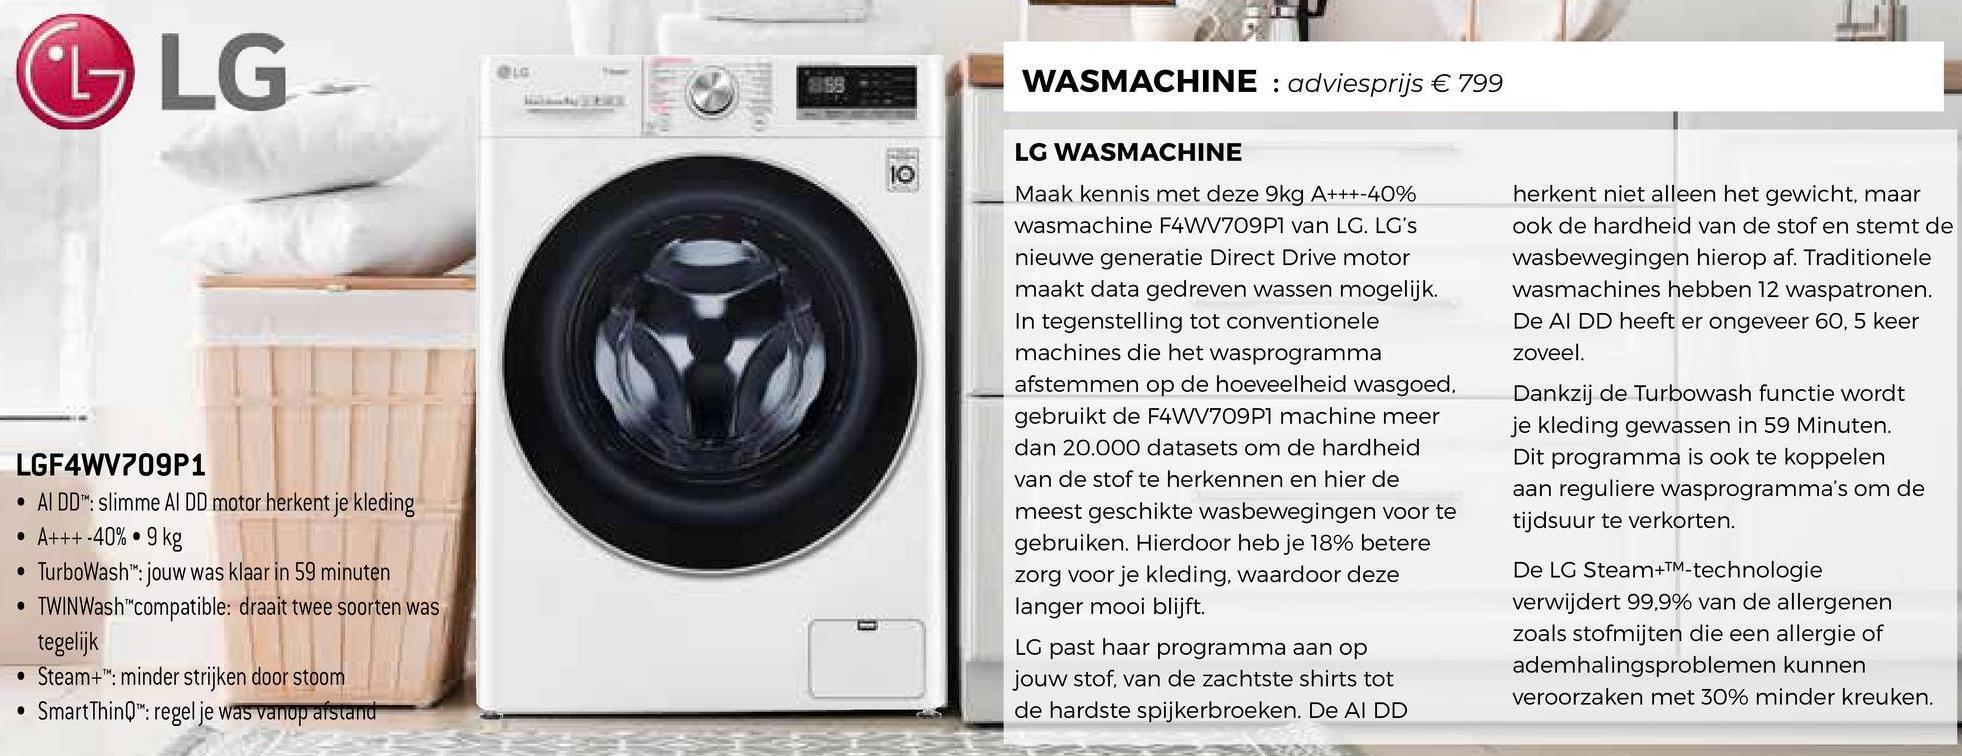 """G LG WASMACHINE : adviesprijs € 799 herkent niet alleen het gewicht, maar ook de hardheid van de stof en stemt de wasbewegingen hierop af. Traditionele wasmachines hebben 12 waspatronen. De AI DD heeft er ongeveer 60, 5 keer zoveel. LG WASMACHINE Maak kennis met deze 9kg A+++-40% wasmachine F4WV709P1 van LG. LG's nieuwe generatie Direct Drive motor maakt data gedreven wassen mogelijk. In tegenstelling tot conventionele machines die het wasprogramma afstemmen op de hoeveelheid wasgoed, gebruikt de F4WV709P1 machine meer dan 20.000 datasets om de hardheid van de stof te herkennen en hier de meest geschikte wasbewegingen voor te gebruiken. Hierdoor heb je 18% betere zorg voor je kleding, waardoor deze langer mooi blijft. LG past haar programma aan op jouw stof, van de zachtste shirts tot de hardste spijkerbroeken. De AIDD Dankzij de Turbowash functie wordt je kleding gewassen in 59 Minuten. Dit programma is ook te koppelen aan reguliere wasprogramma's om de tijdsuur te verkorten. LGF4WV709P1 • AI DD"""": slimme AI DD motor herkent je kleding • A+++-40%.9 kg • TurboWash™: jouw was klaar in 59 minuten • TWINWash""""compatible: draait twee soorten was tegelijk • Steam+"""": minder strijken door stoom • SmartThinQ"""": regel je was vanop afstand De LG Steam+TM-technologie verwijdert 99,9% van de allergenen zoals stofmijten die een allergie of ademhalingsproblemen kunnen veroorzaken met 30% minder kreuken."""